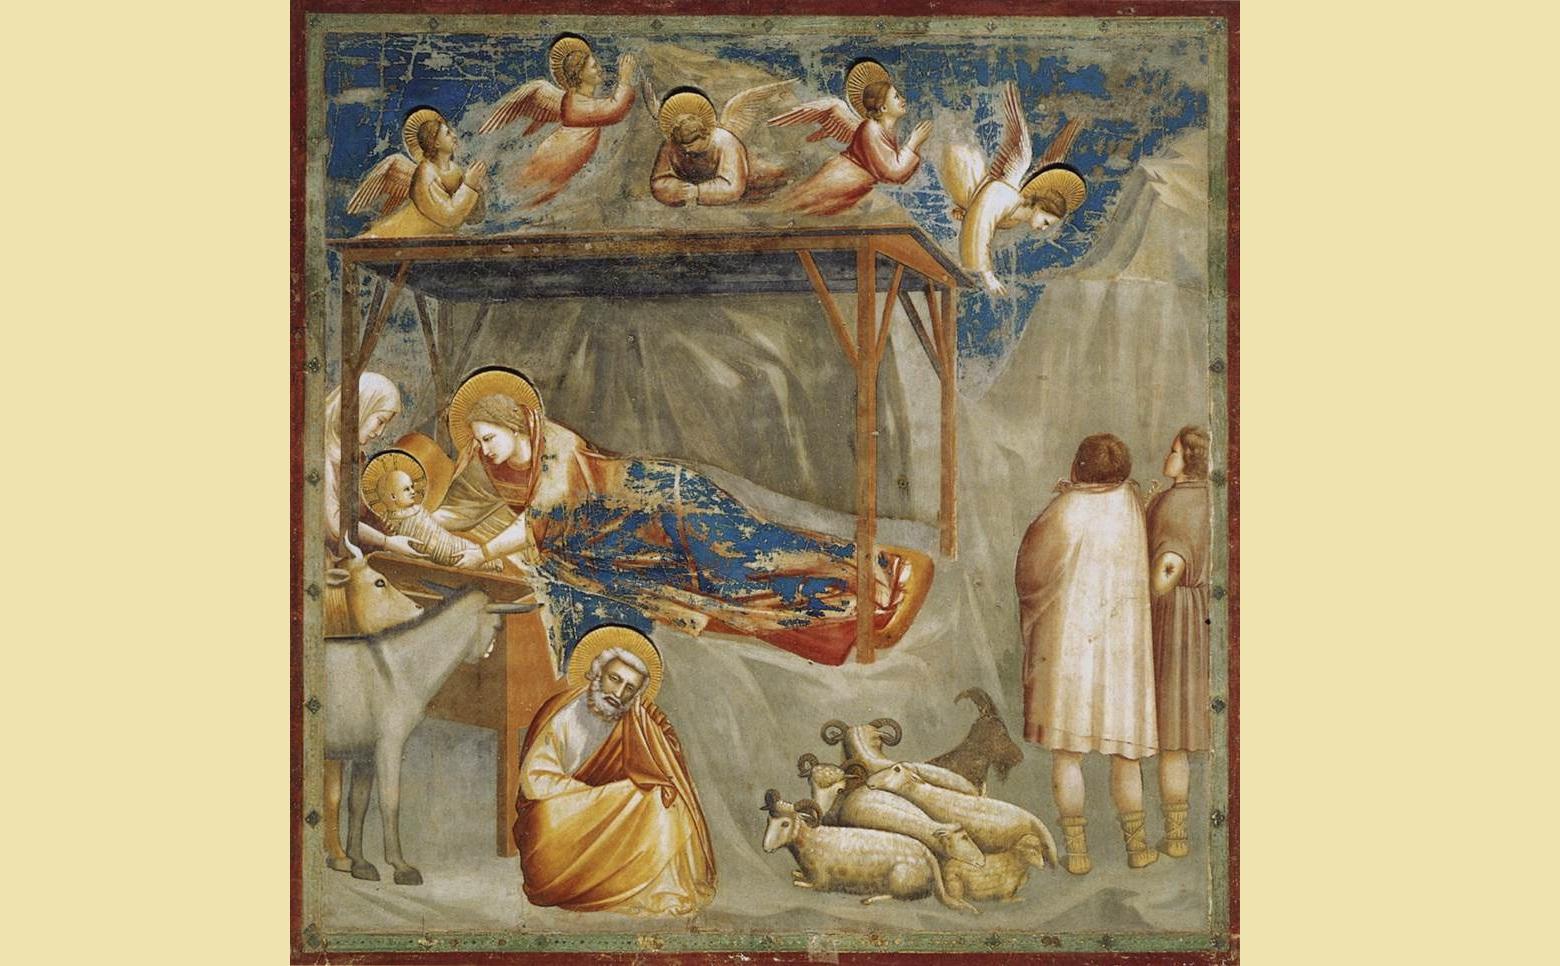 クリスマスって何の日?なぜ12月25日?その由来をやさしく解説